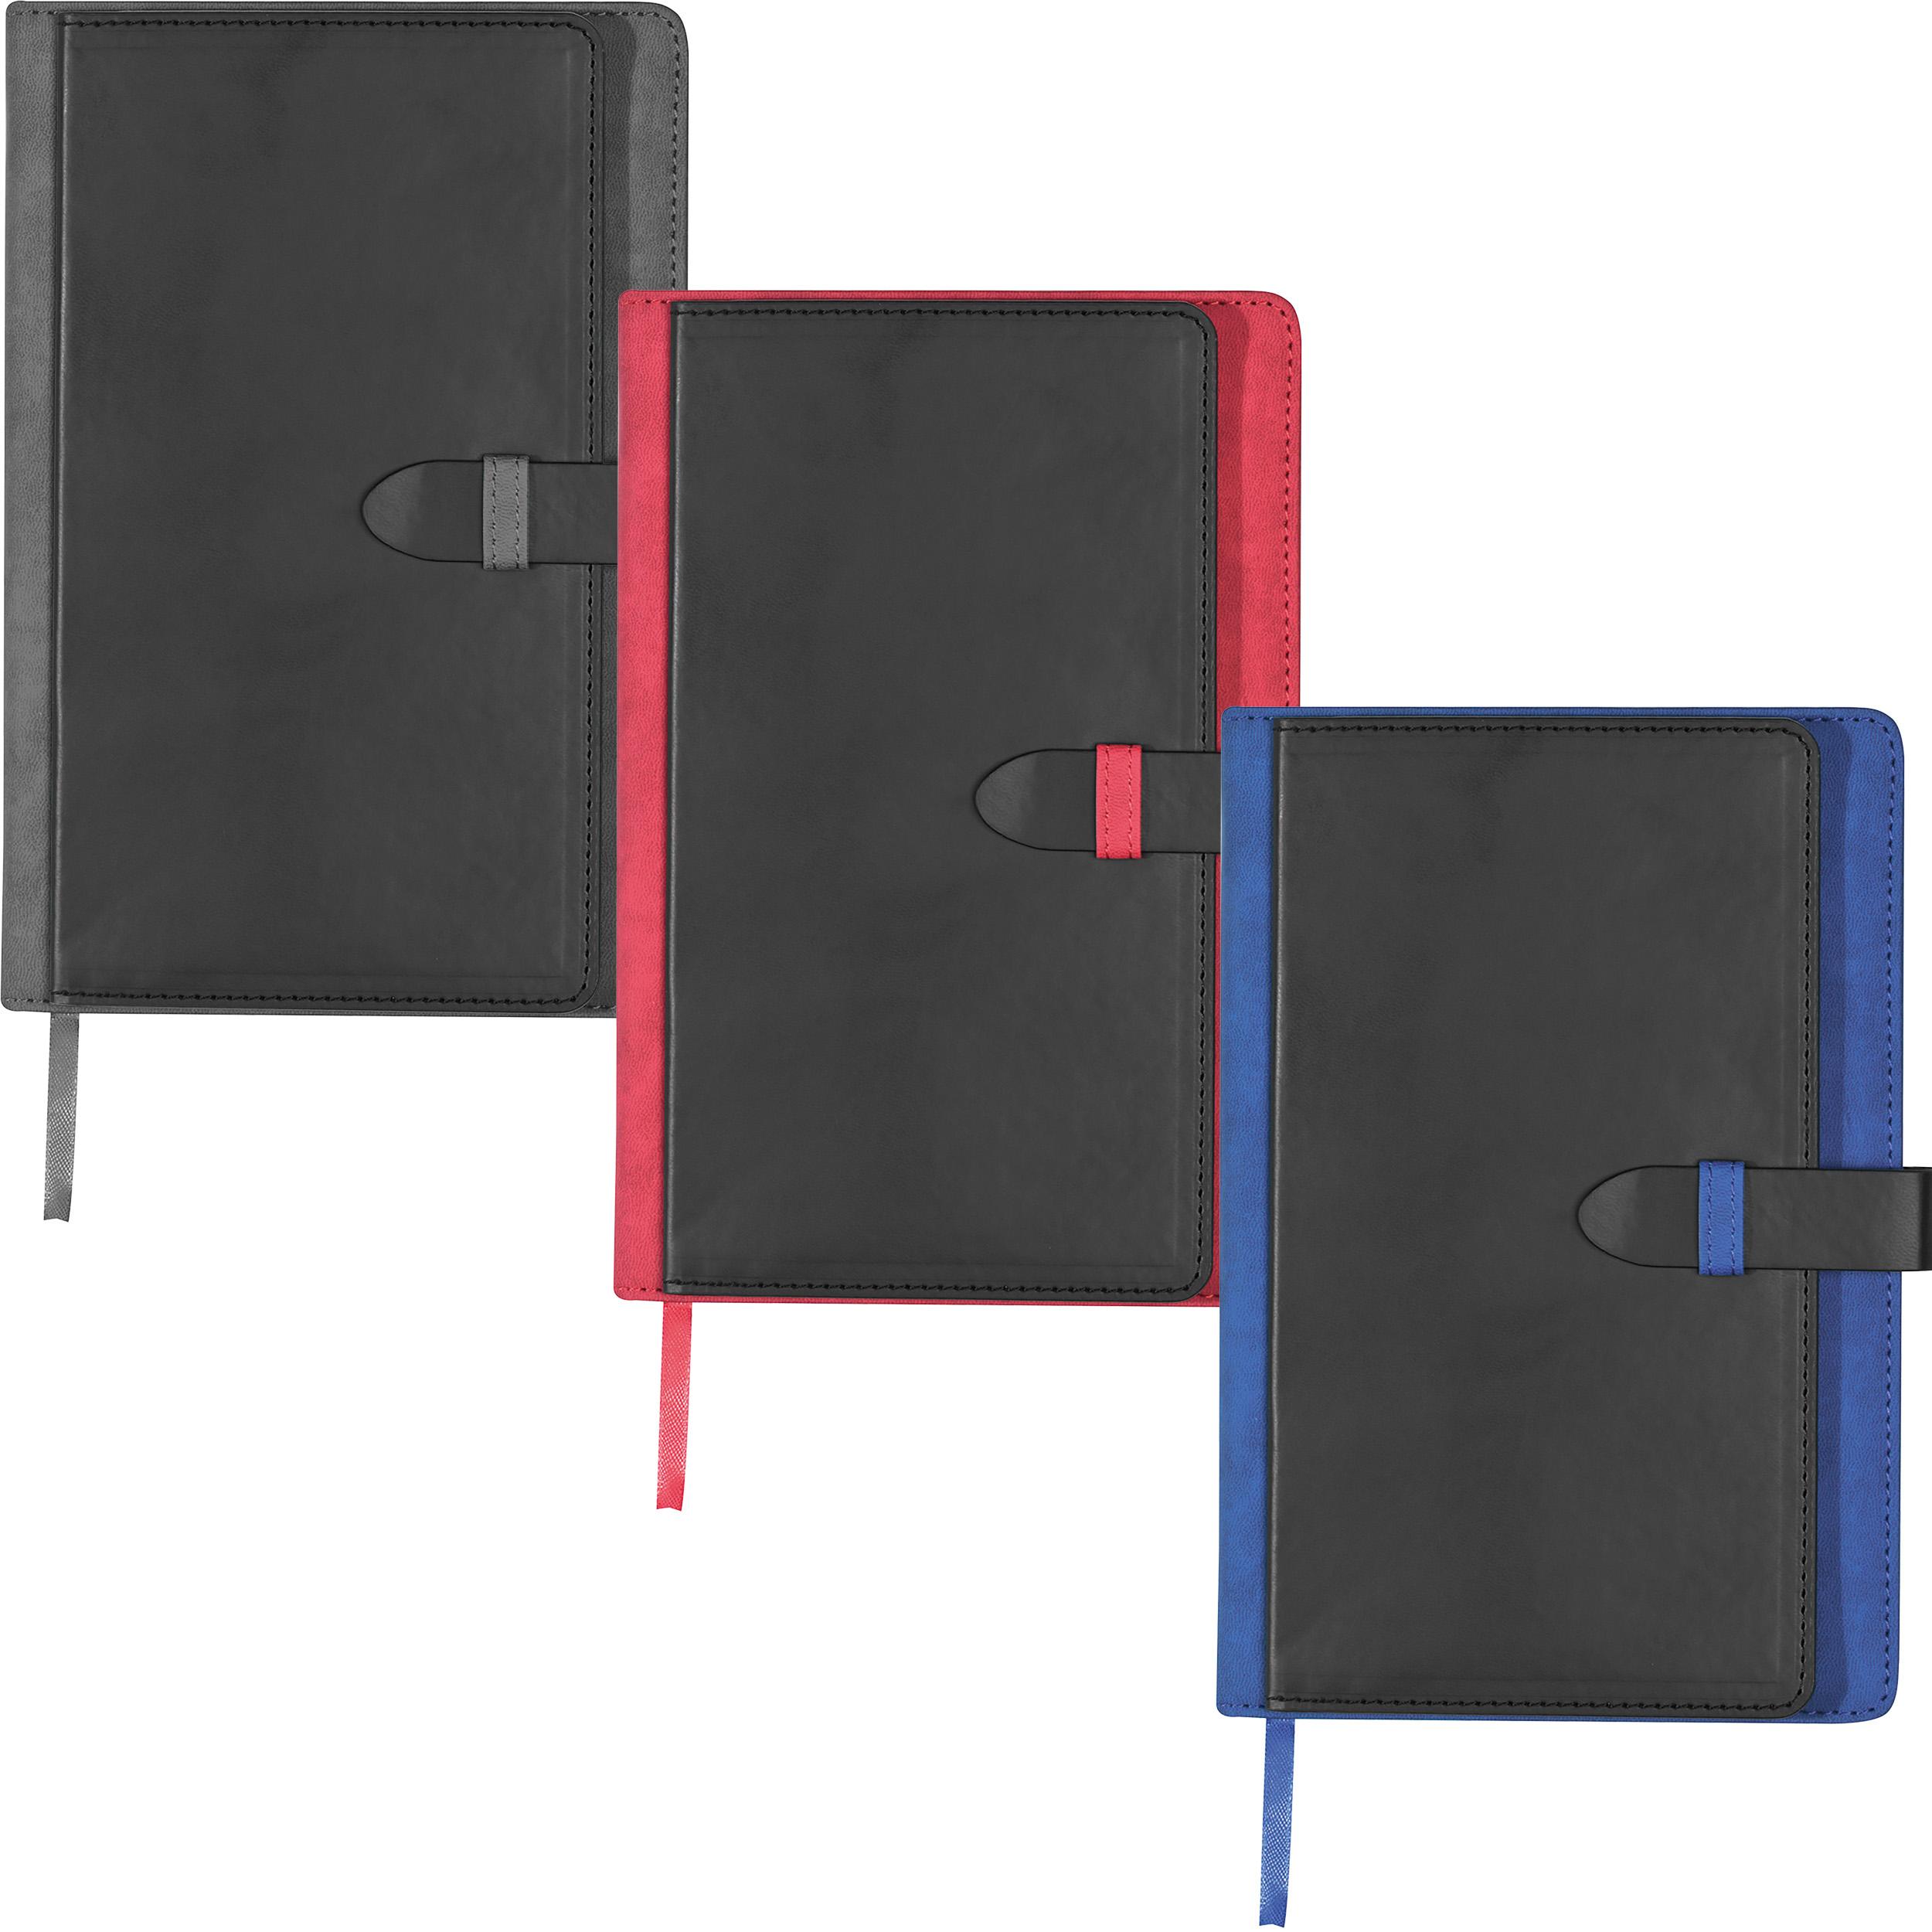 Carnet A5 avec fonction porte-cartes de visite